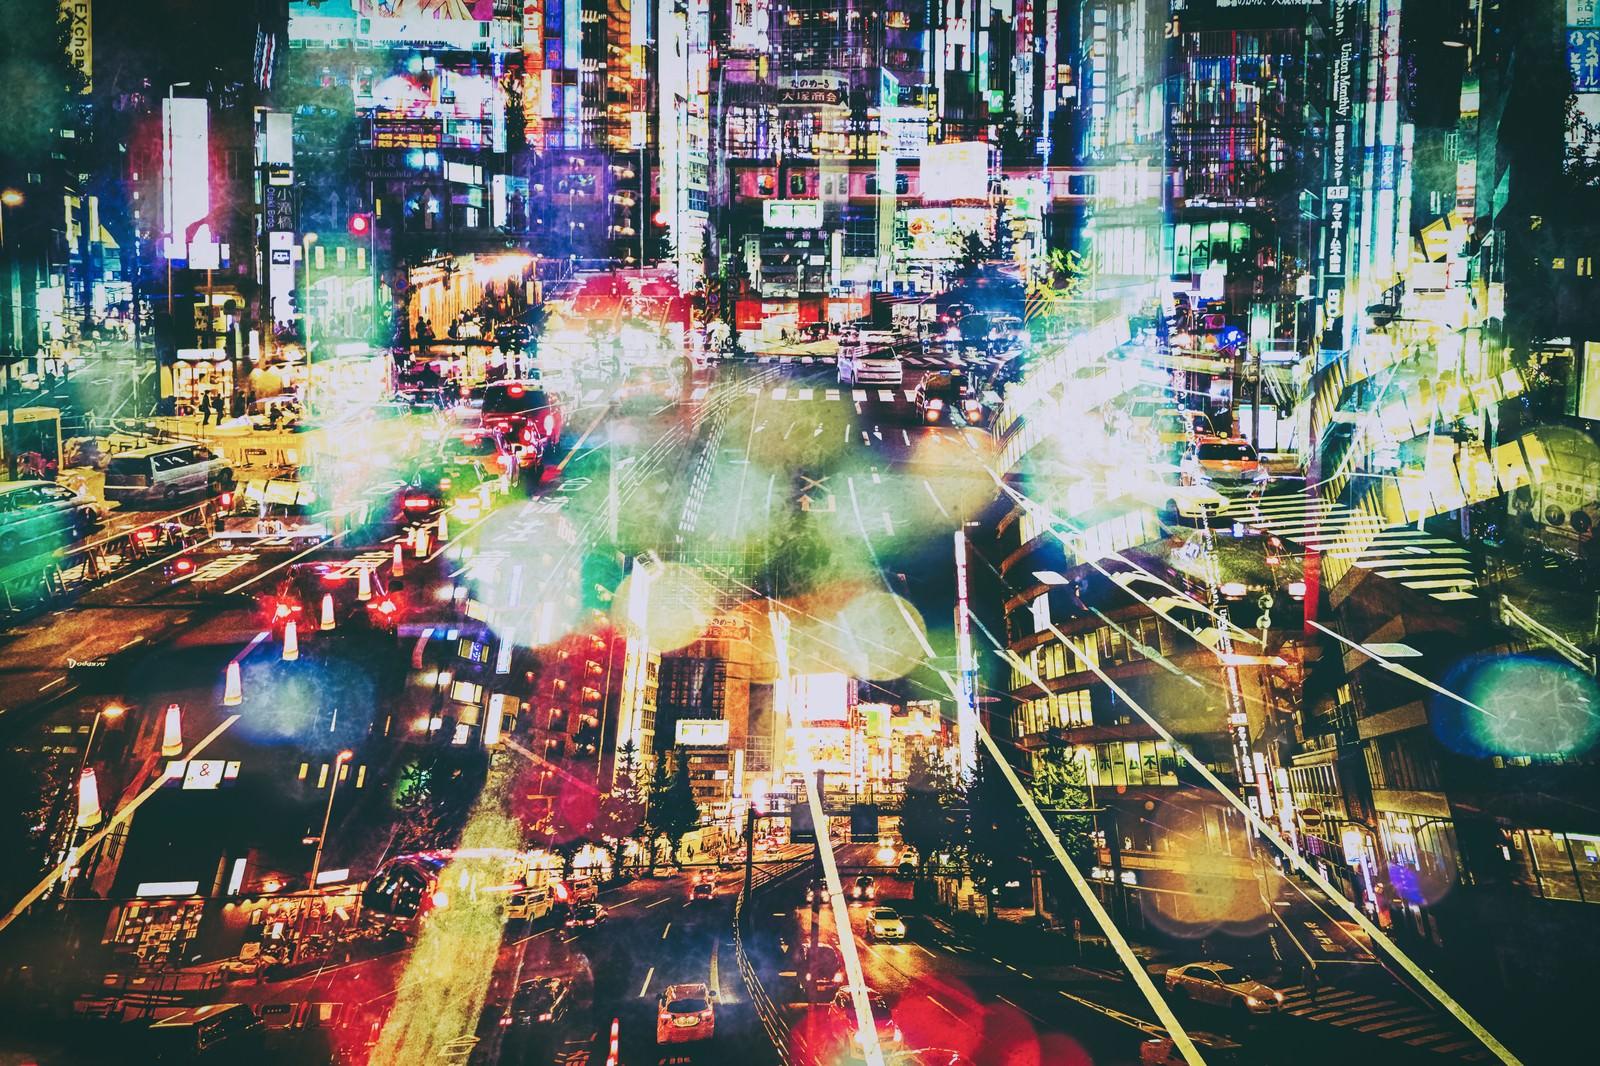 「雑多な街(フォトモンタージュ)雑多な街(フォトモンタージュ)」のフリー写真素材を拡大